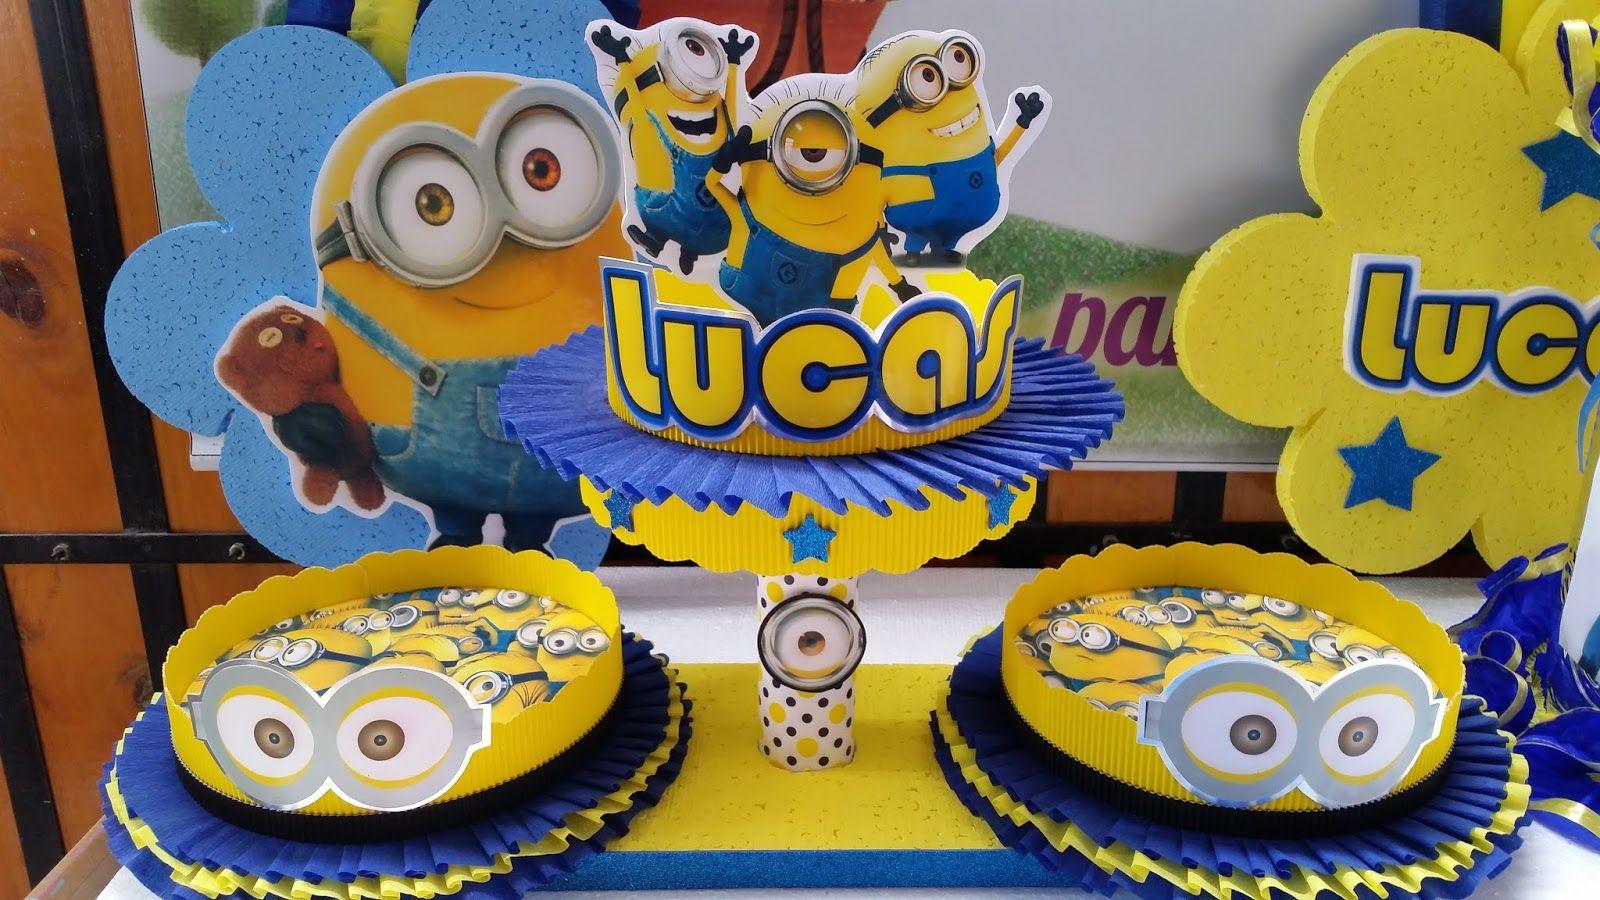 Decoraciones infantiles decoraciones fiestas infantiles - Decoraciones infantiles para ninos ...